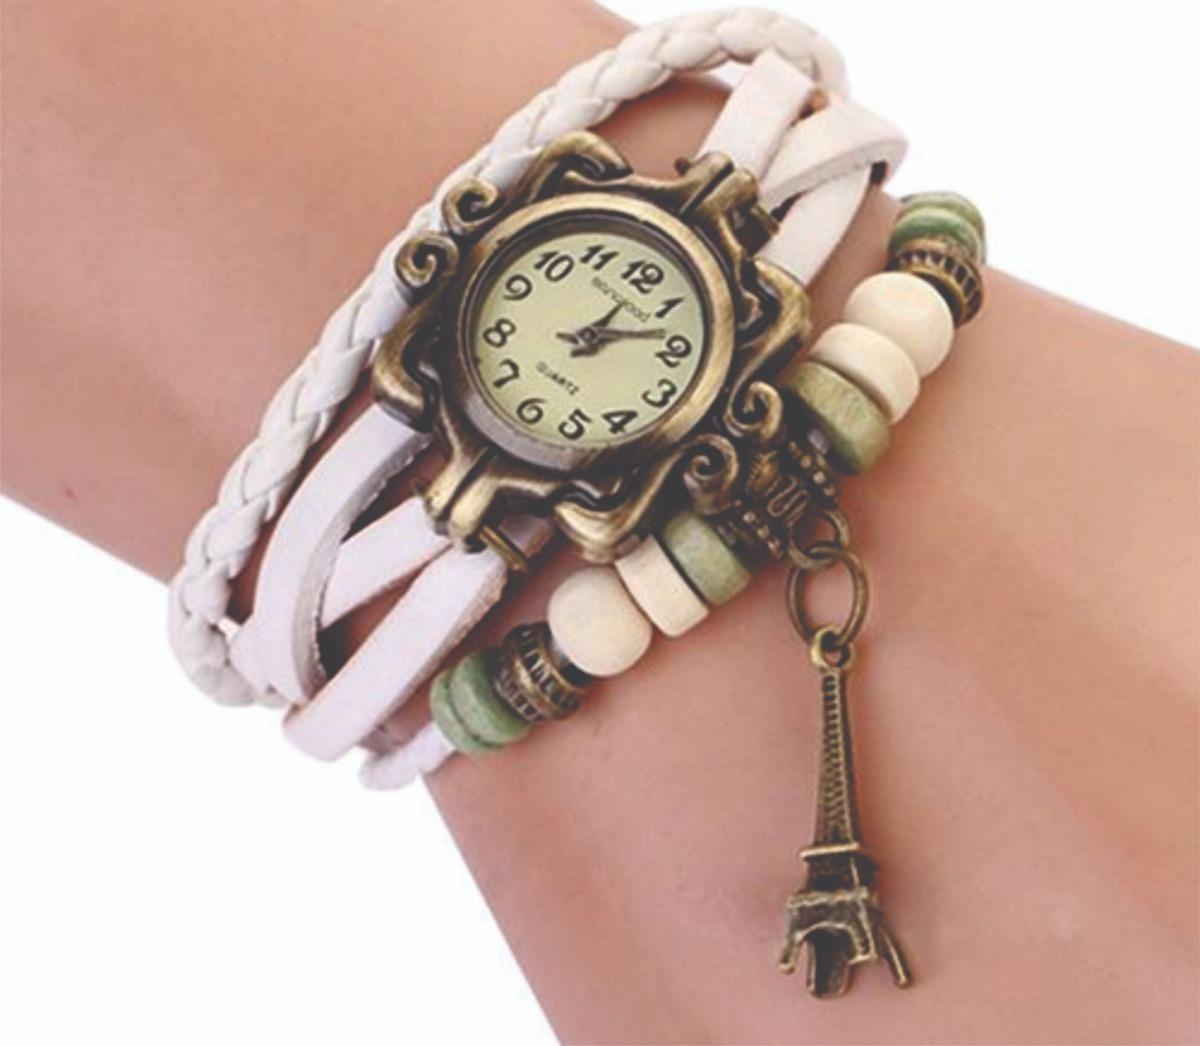 e5a54dcb9f8 Relógio Pulseira De Couro